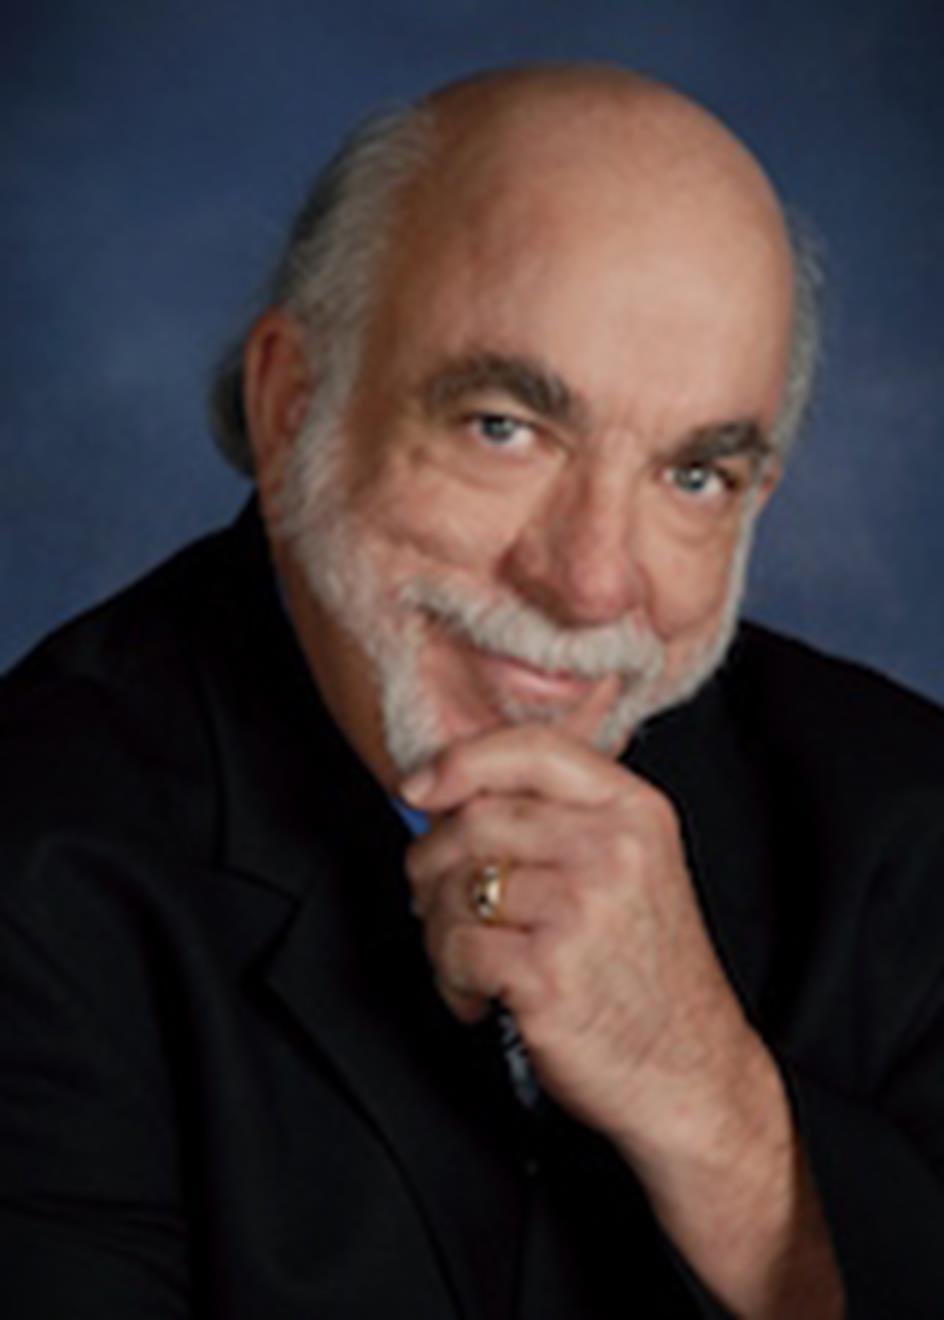 Douglas J. Benton